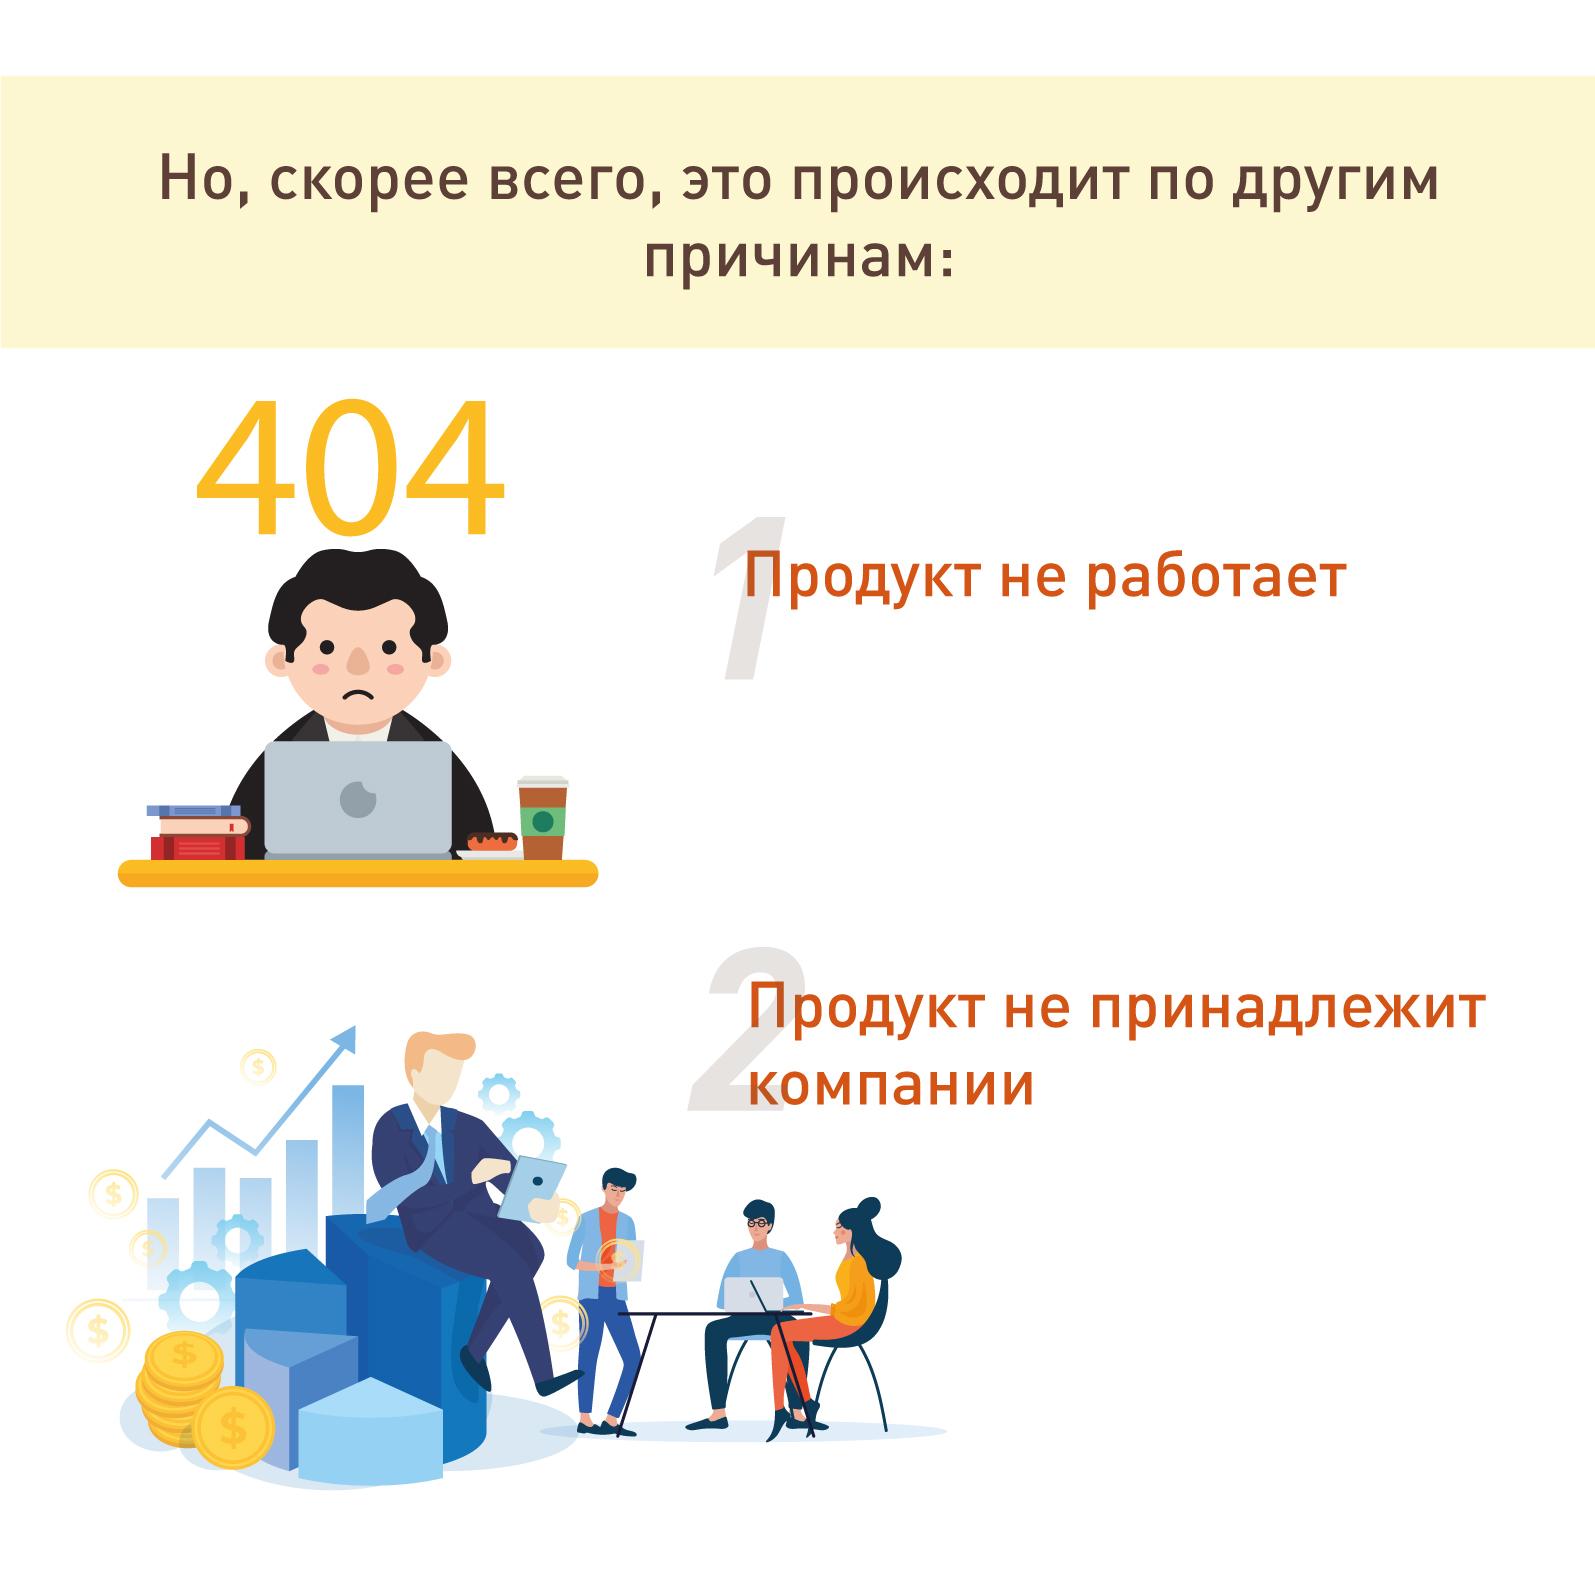 Работающий продукт повышает доверие к компании в сфере цифровой медицины